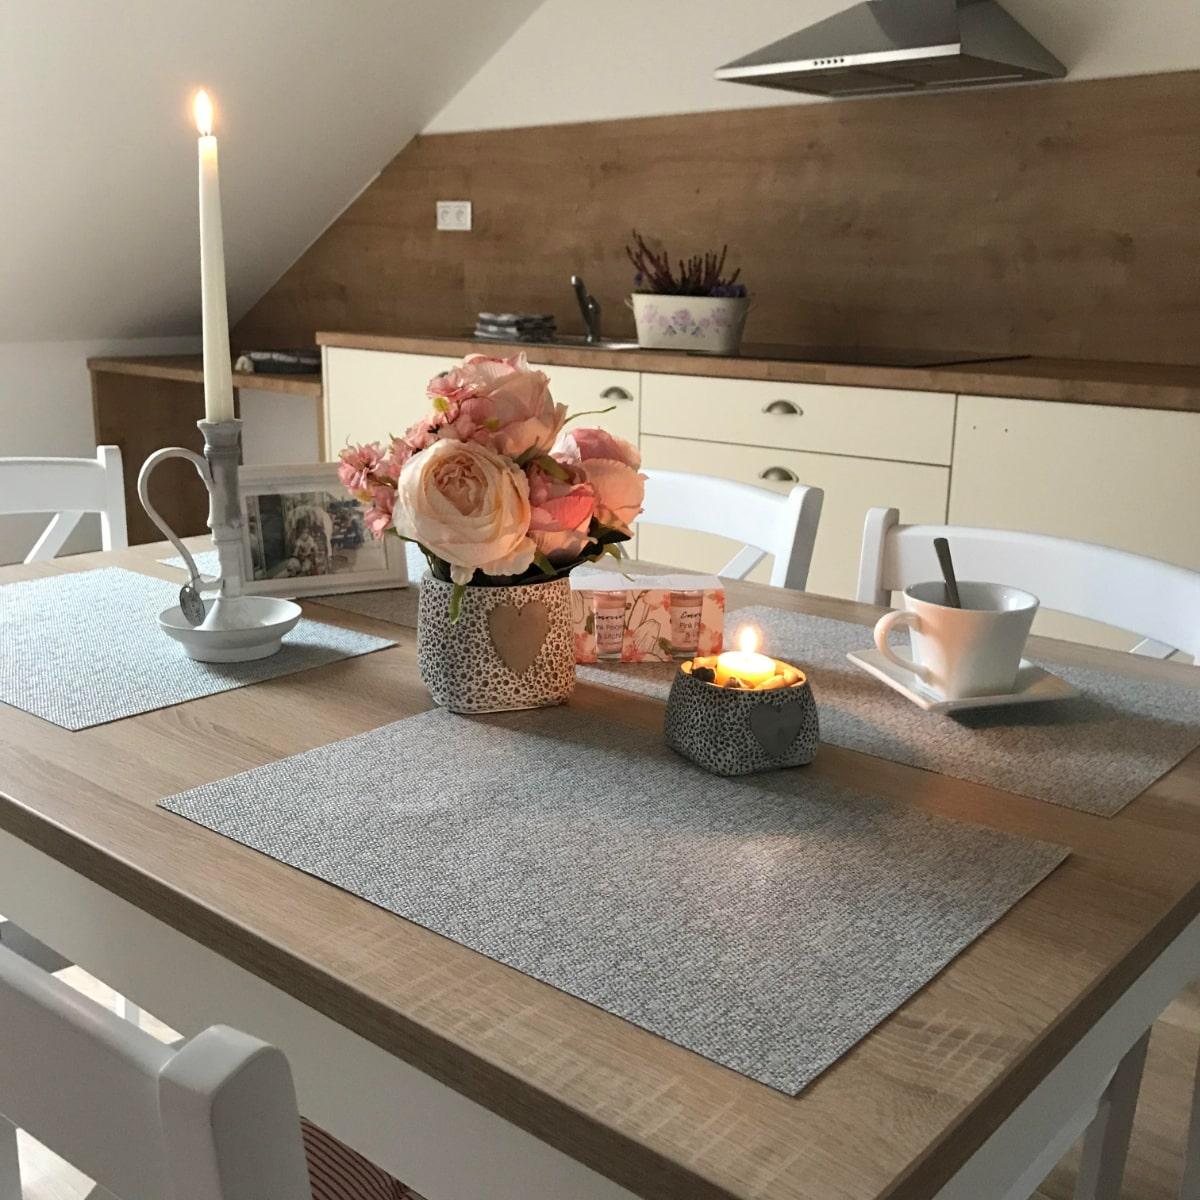 Apartmán Attic - kuchyně s jídelním stolem